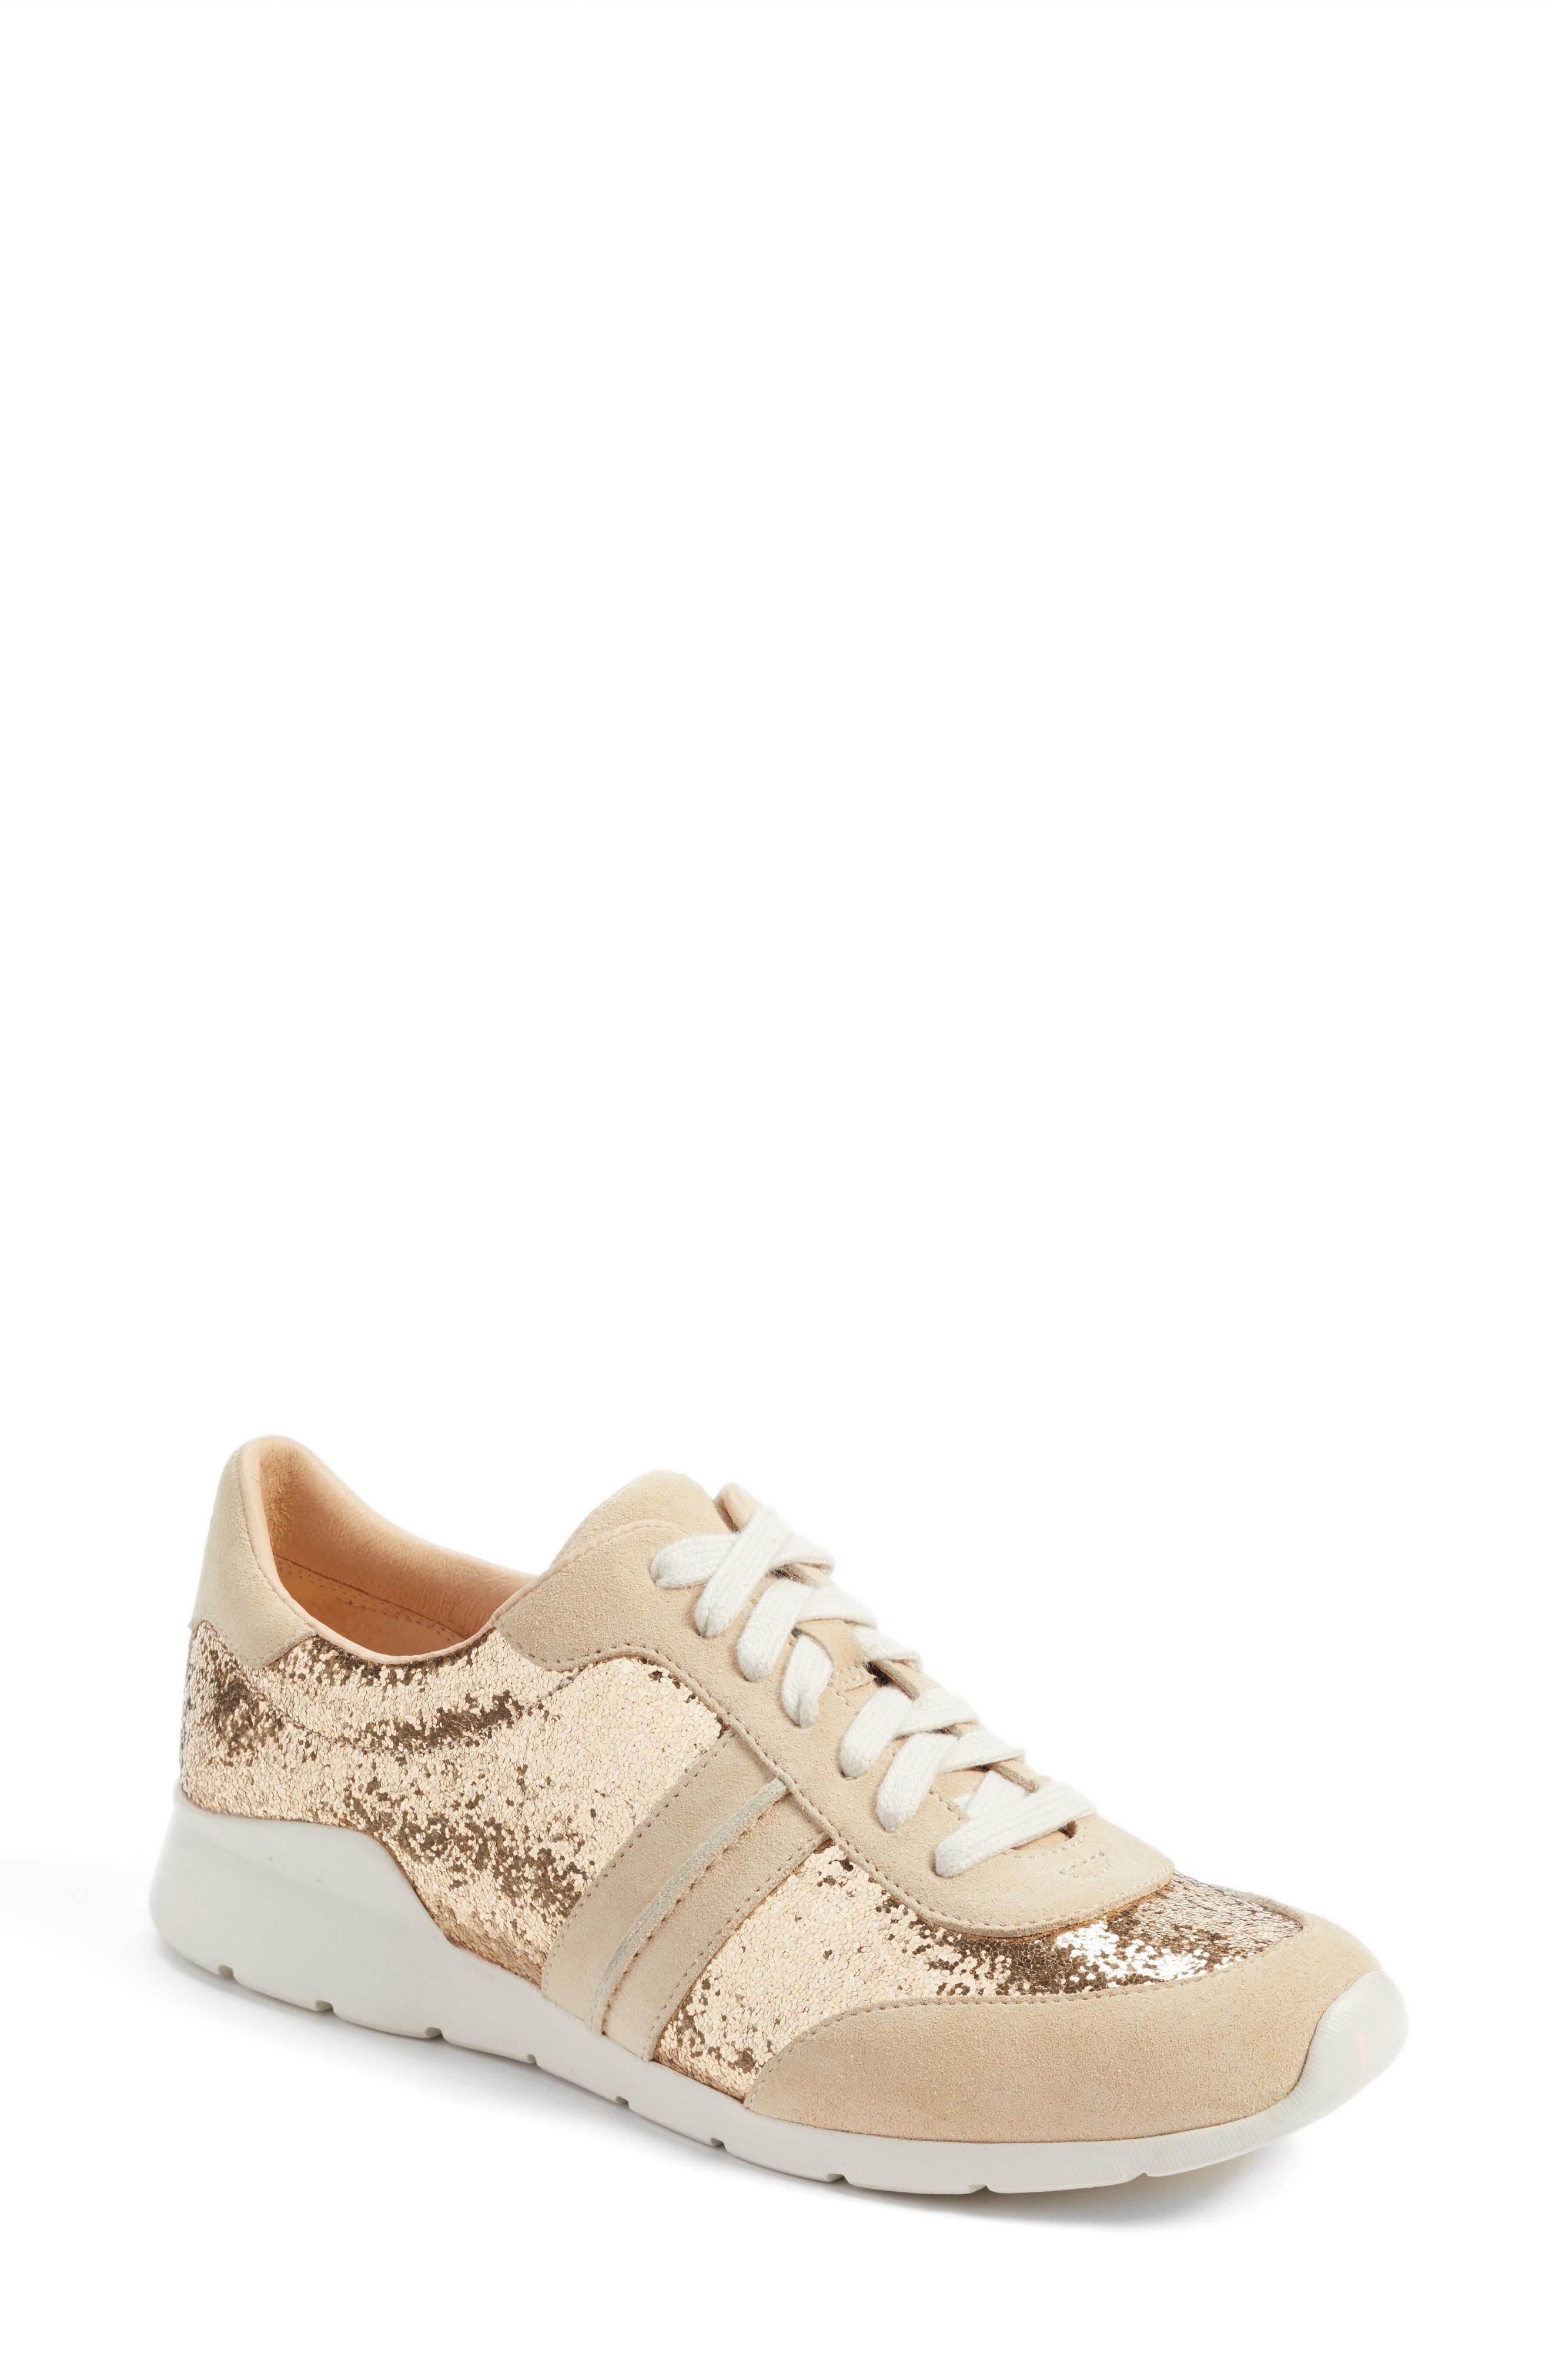 e5de0ada7ab Ugg Jaida Glitter Sneaker in Gold Suede